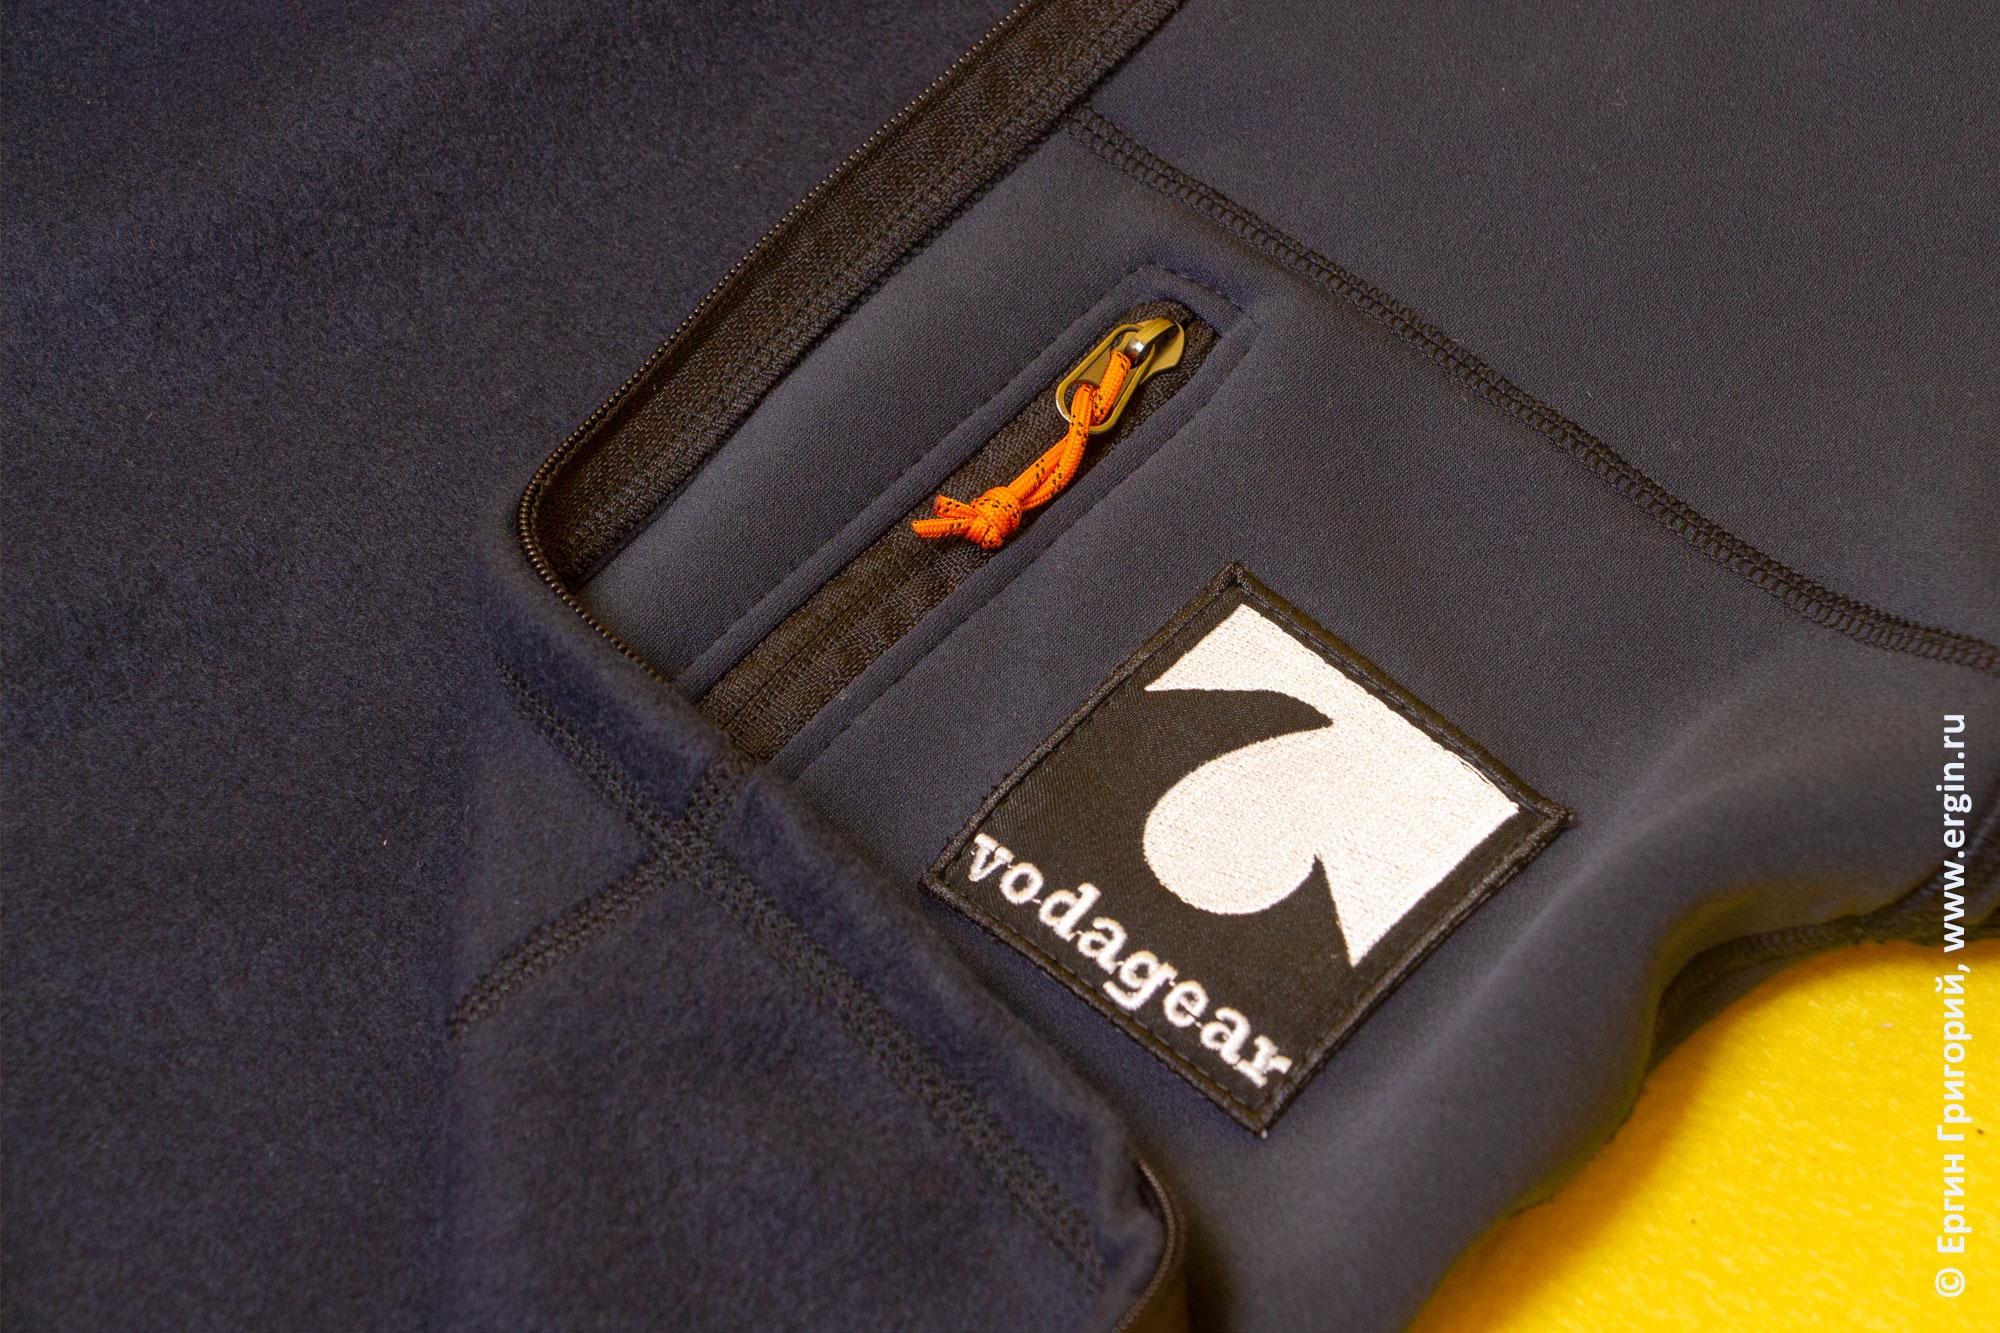 Материал  термобелья для каякинга от VodaGear: полартек